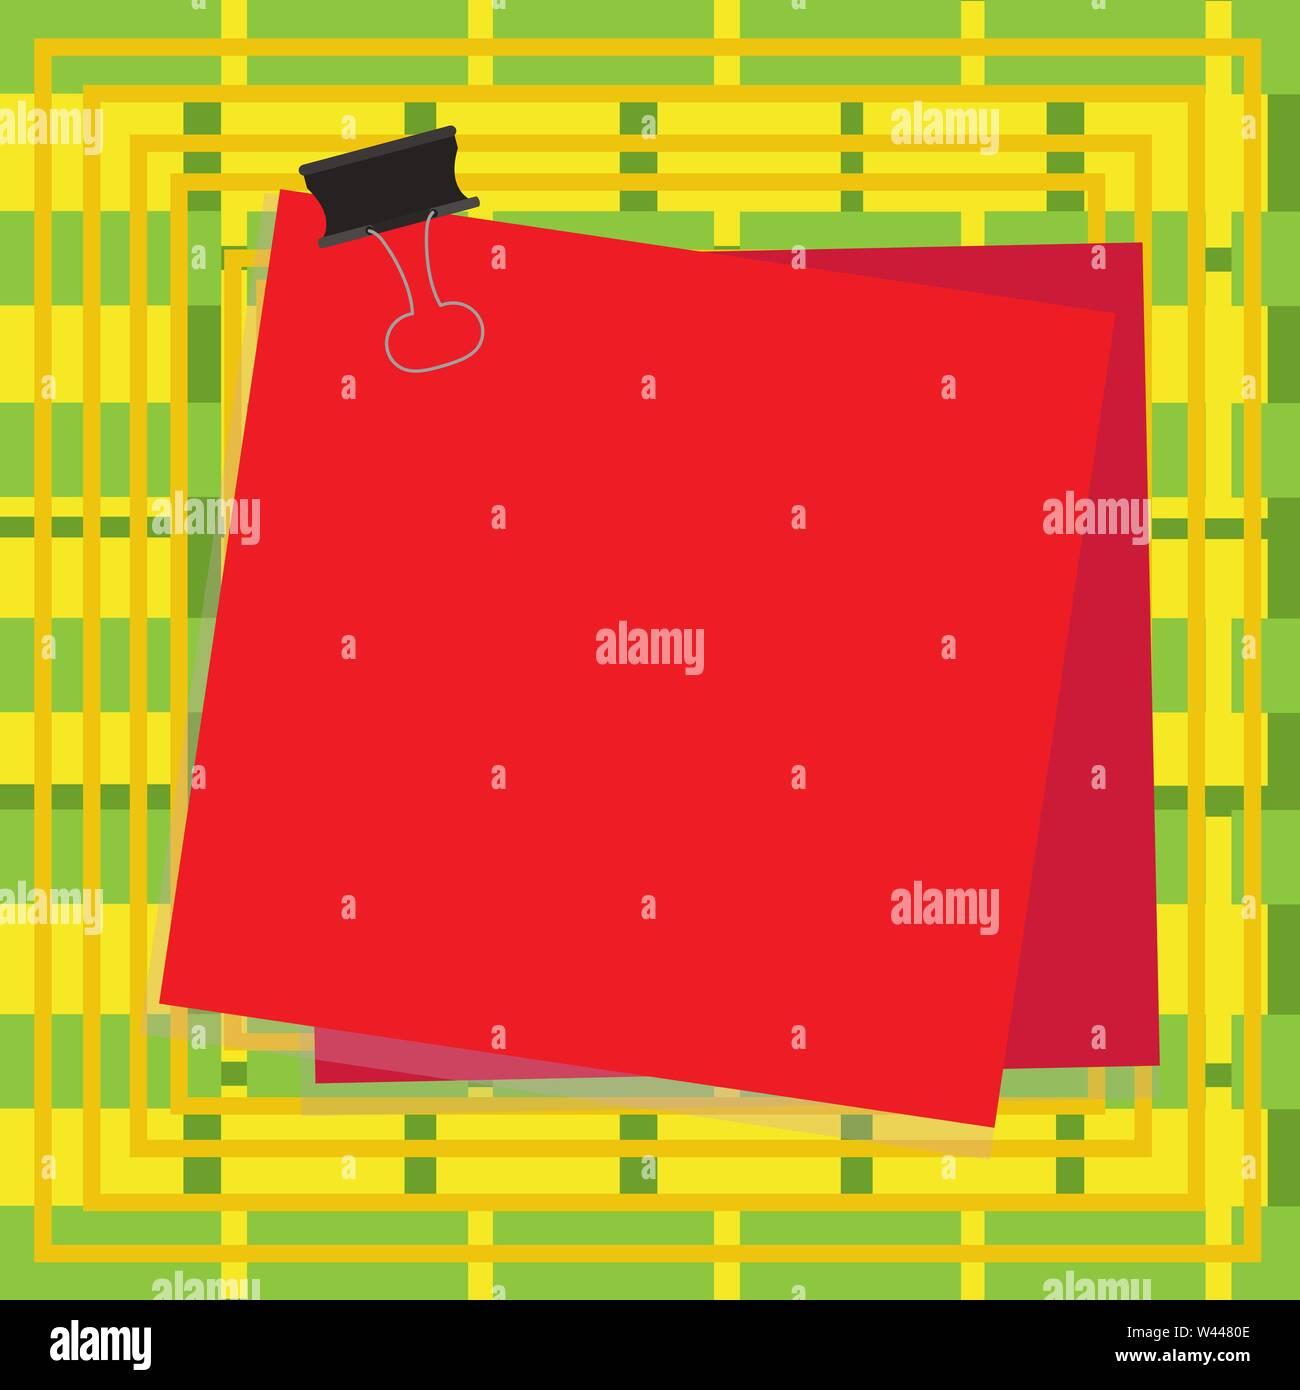 Carta bloccata binder clip sfondo colorato memo promemoria di forniture per ufficio concetto Business vuota copia modello spazio isolato poster promotiona coupon Immagini Stock